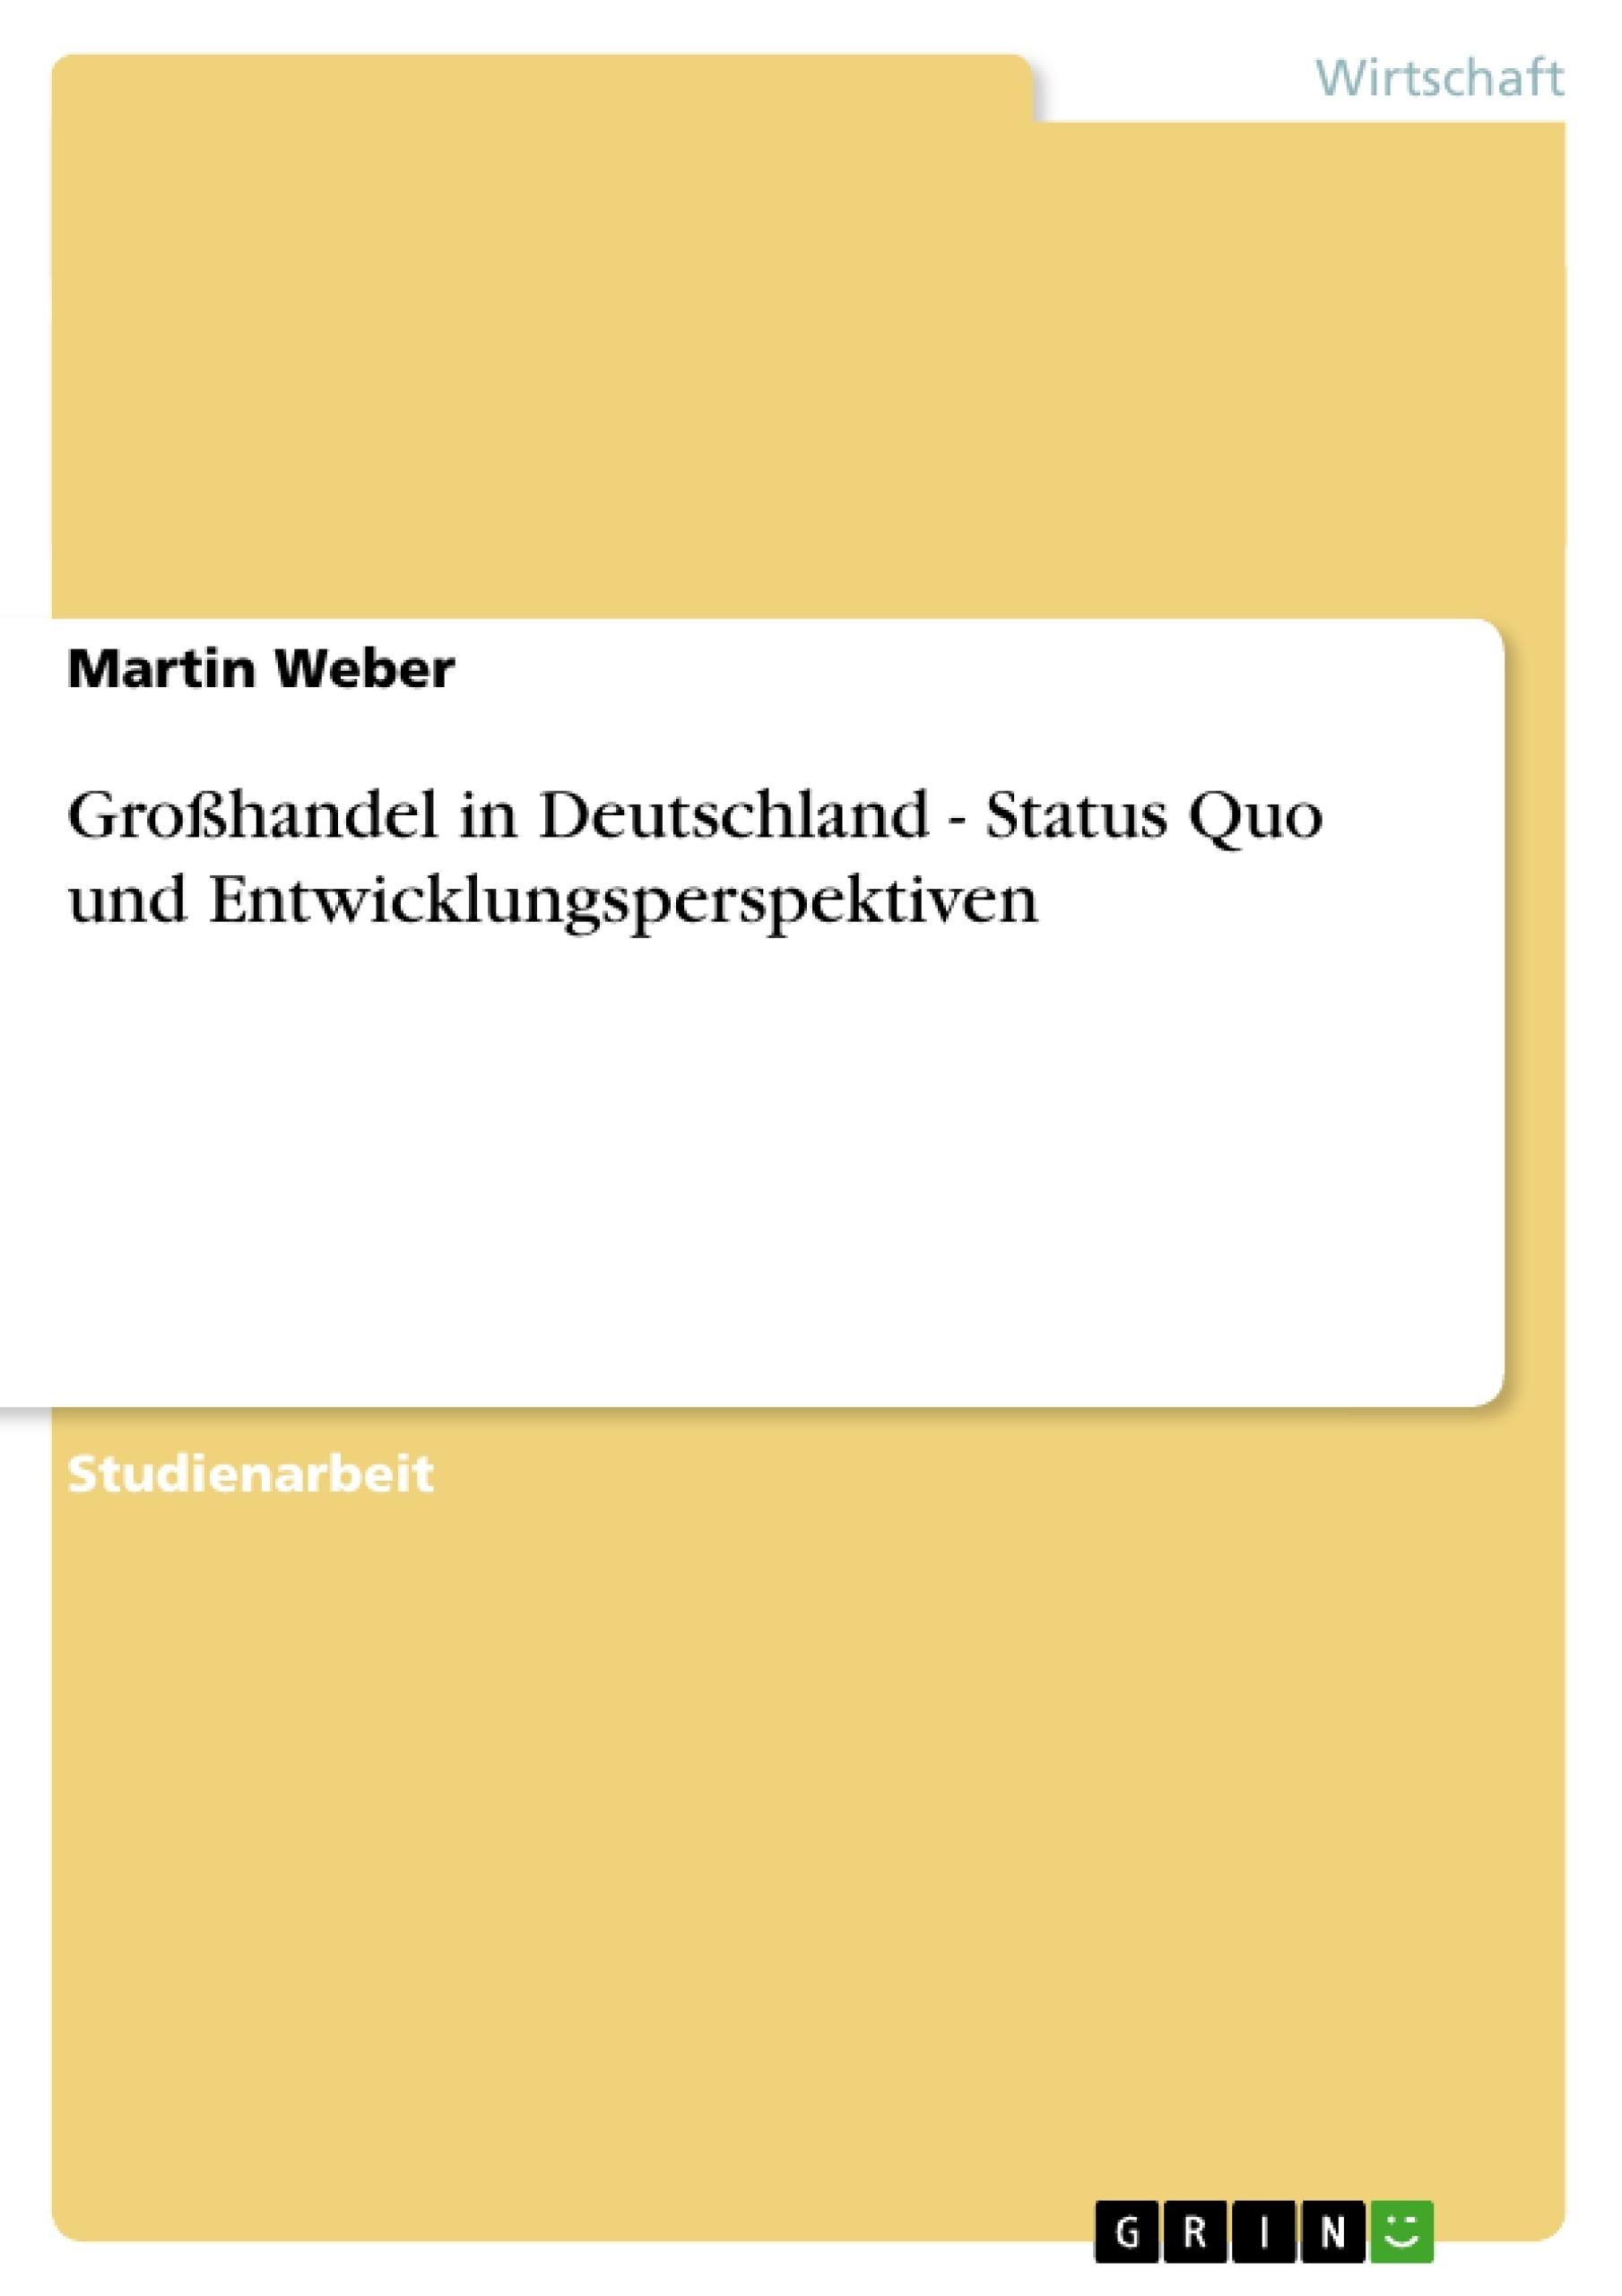 Titel: Großhandel in Deutschland - Status Quo und Entwicklungsperspektiven